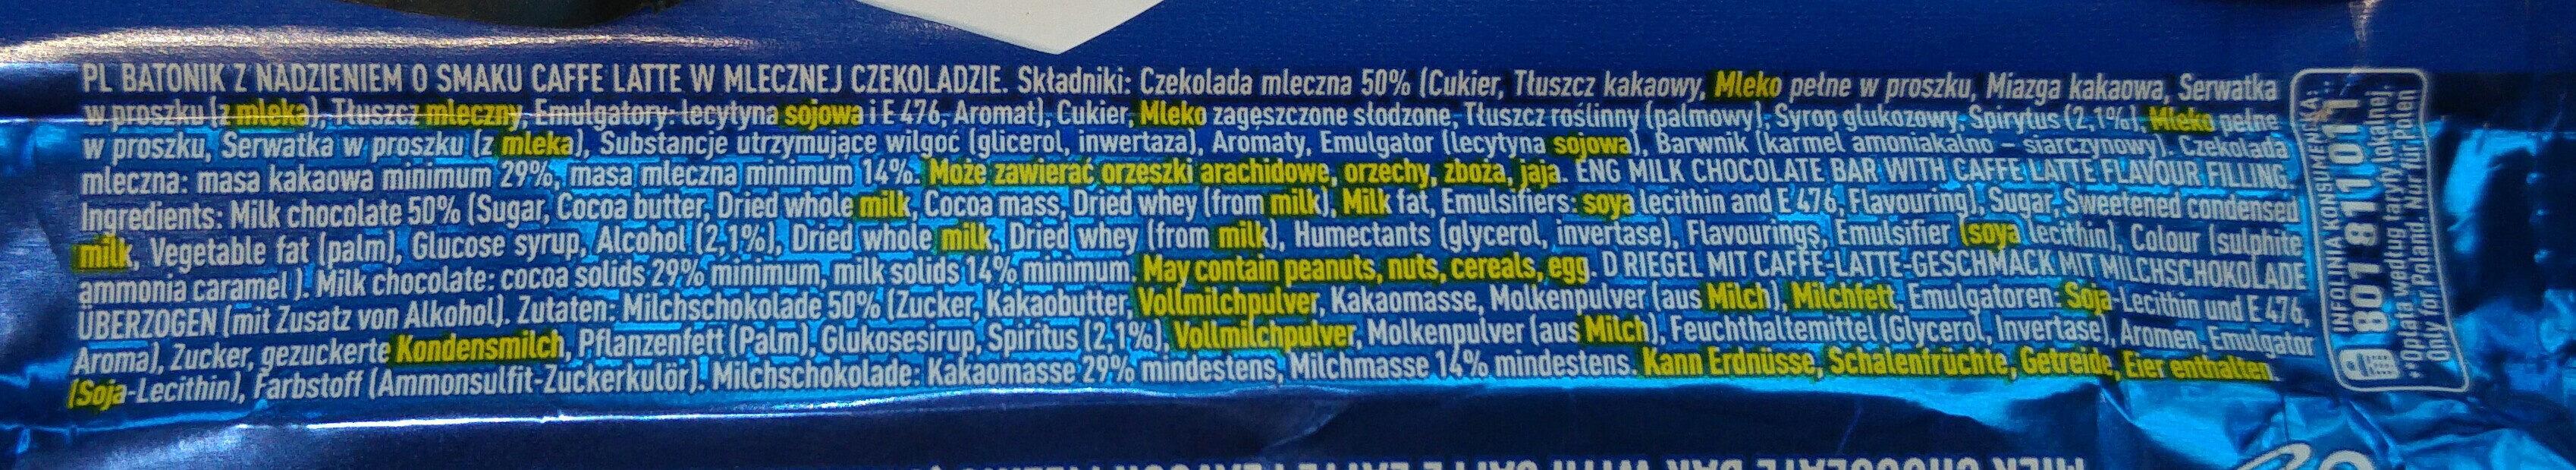 Batonik z nadzieniem o smaku caffe latte w mlecznej czekoladzie (z dodatkiem alkoholu). - Ingredients